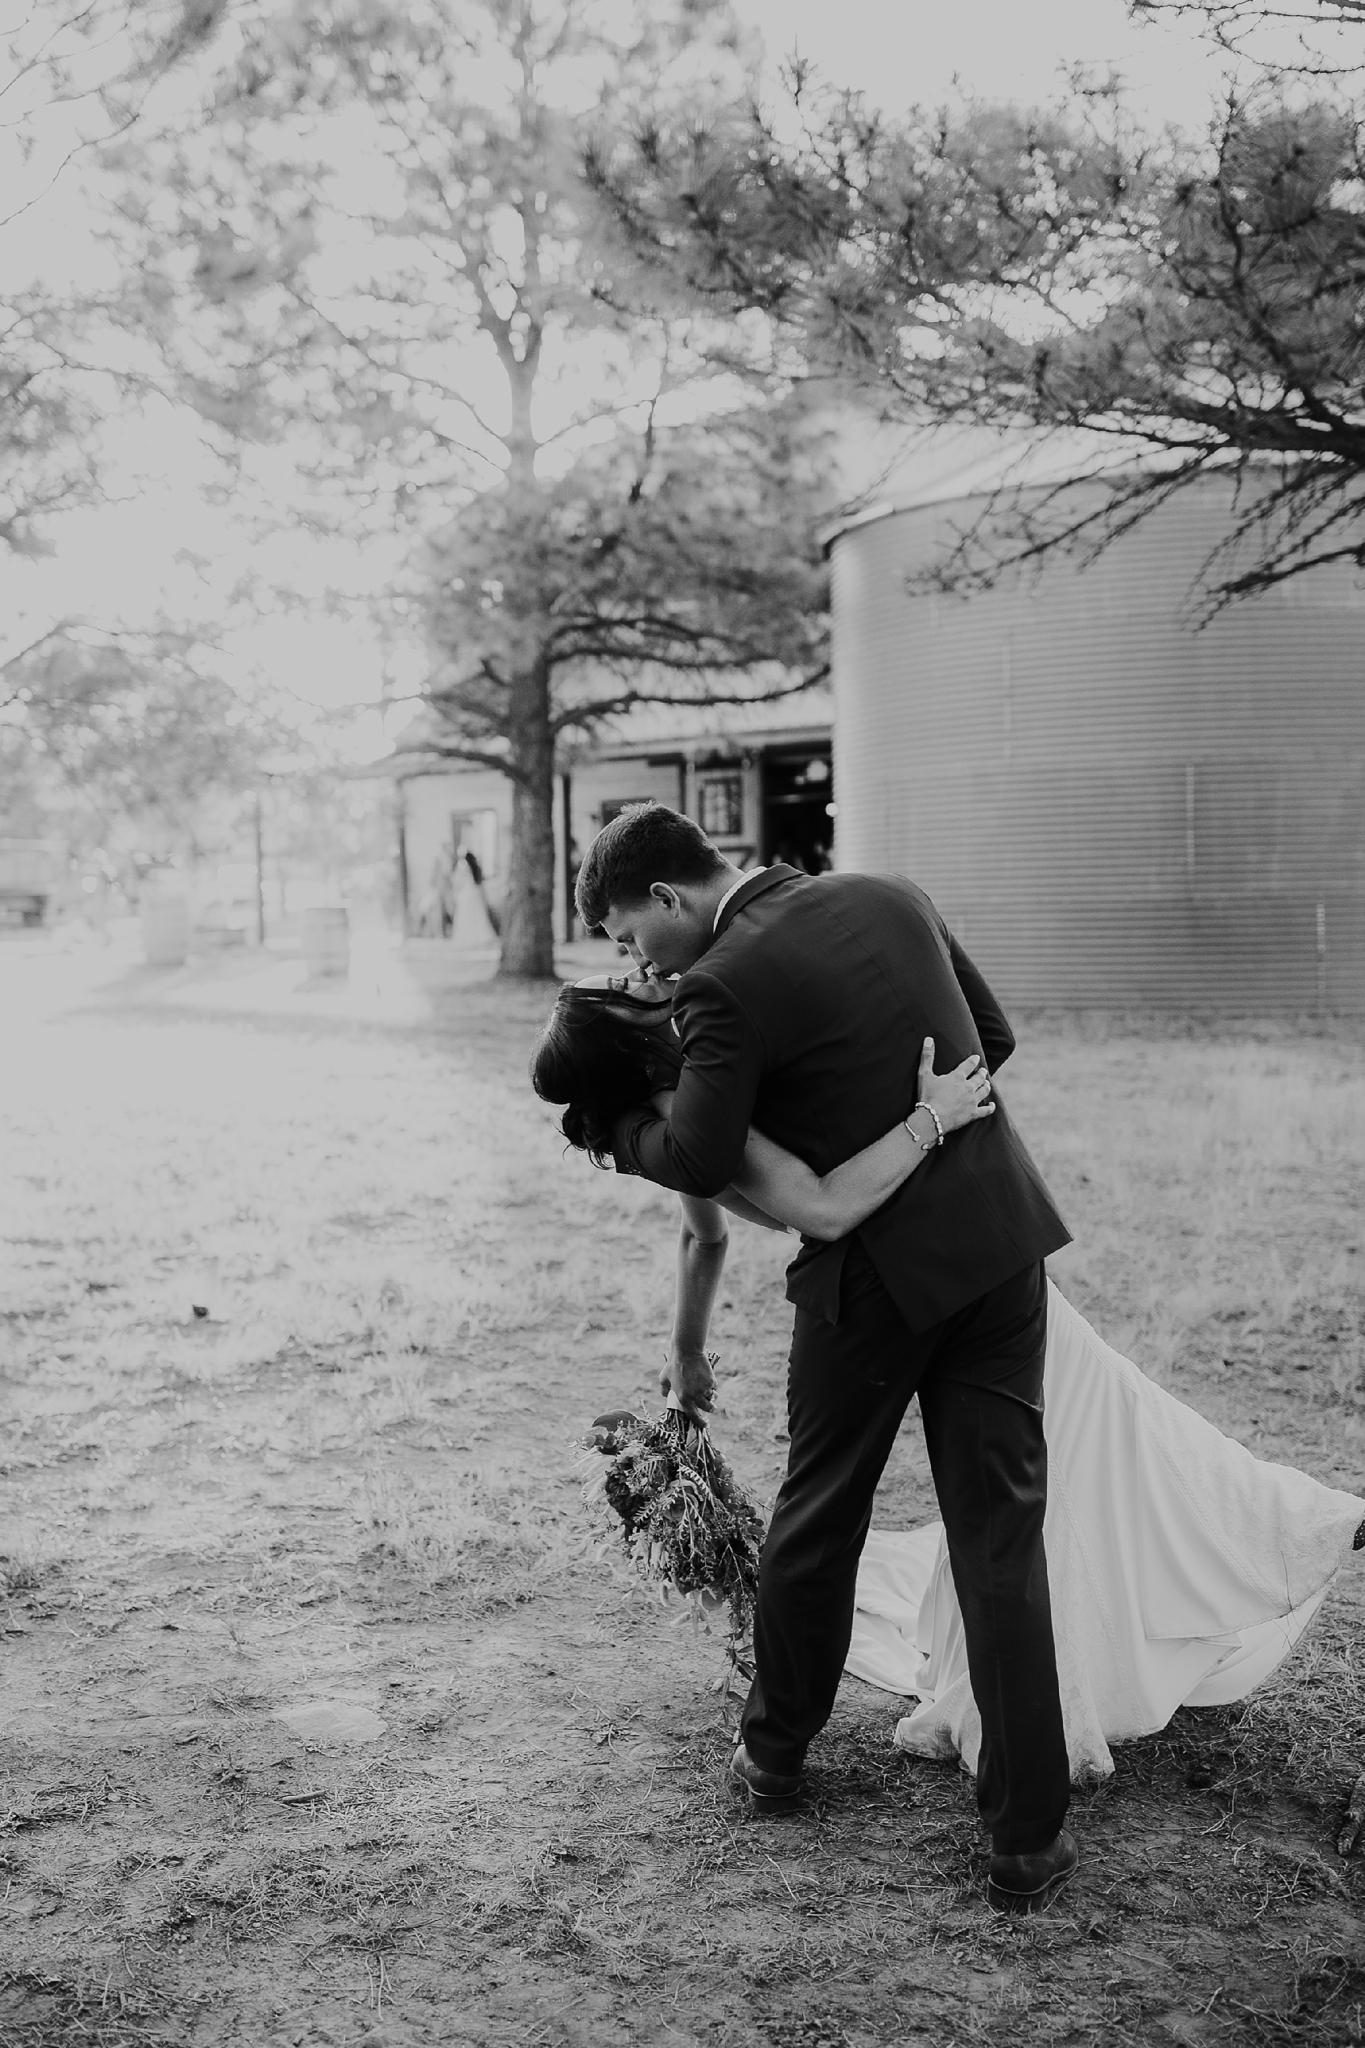 Alicia+lucia+photography+-+albuquerque+wedding+photographer+-+santa+fe+wedding+photography+-+new+mexico+wedding+photographer+-+new+mexico+wedding+-+new+mexico+wedding+-+barn+wedding+-+enchanted+vine+barn+wedding+-+ruidoso+wedding_0130.jpg